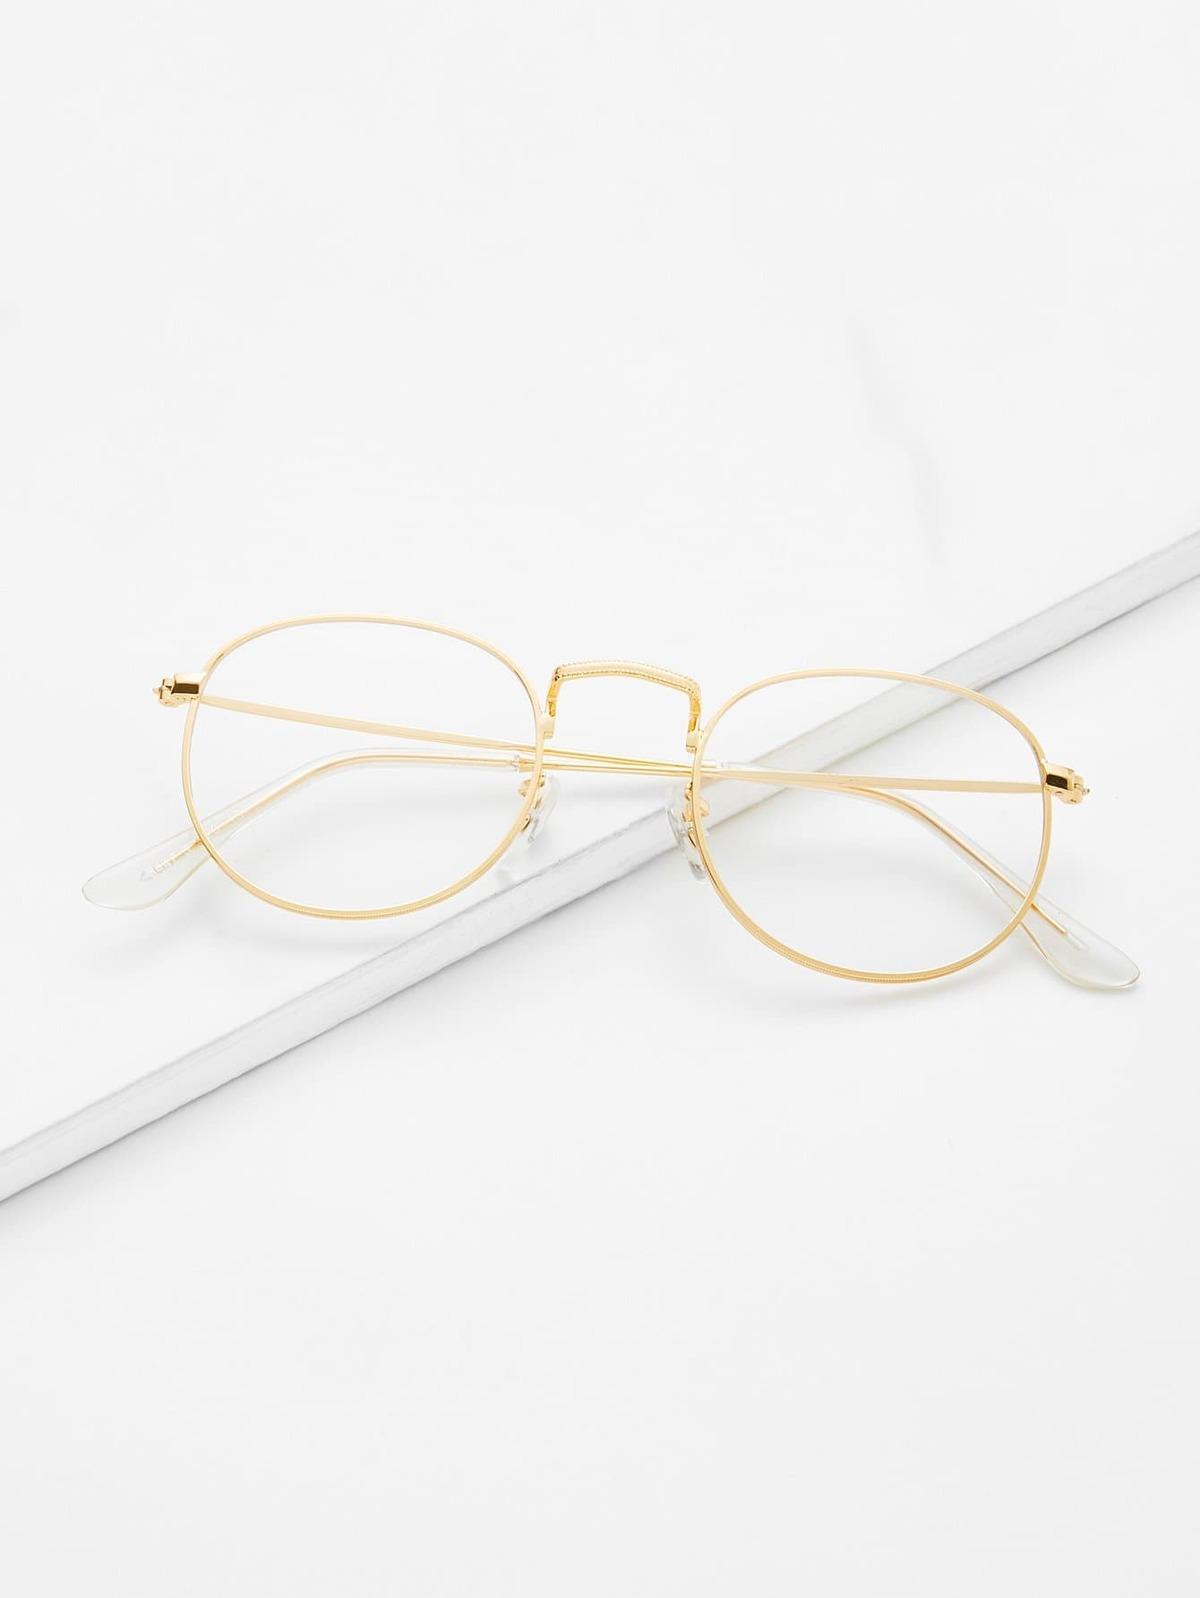 金色 框 透明鏡片 眼鏡